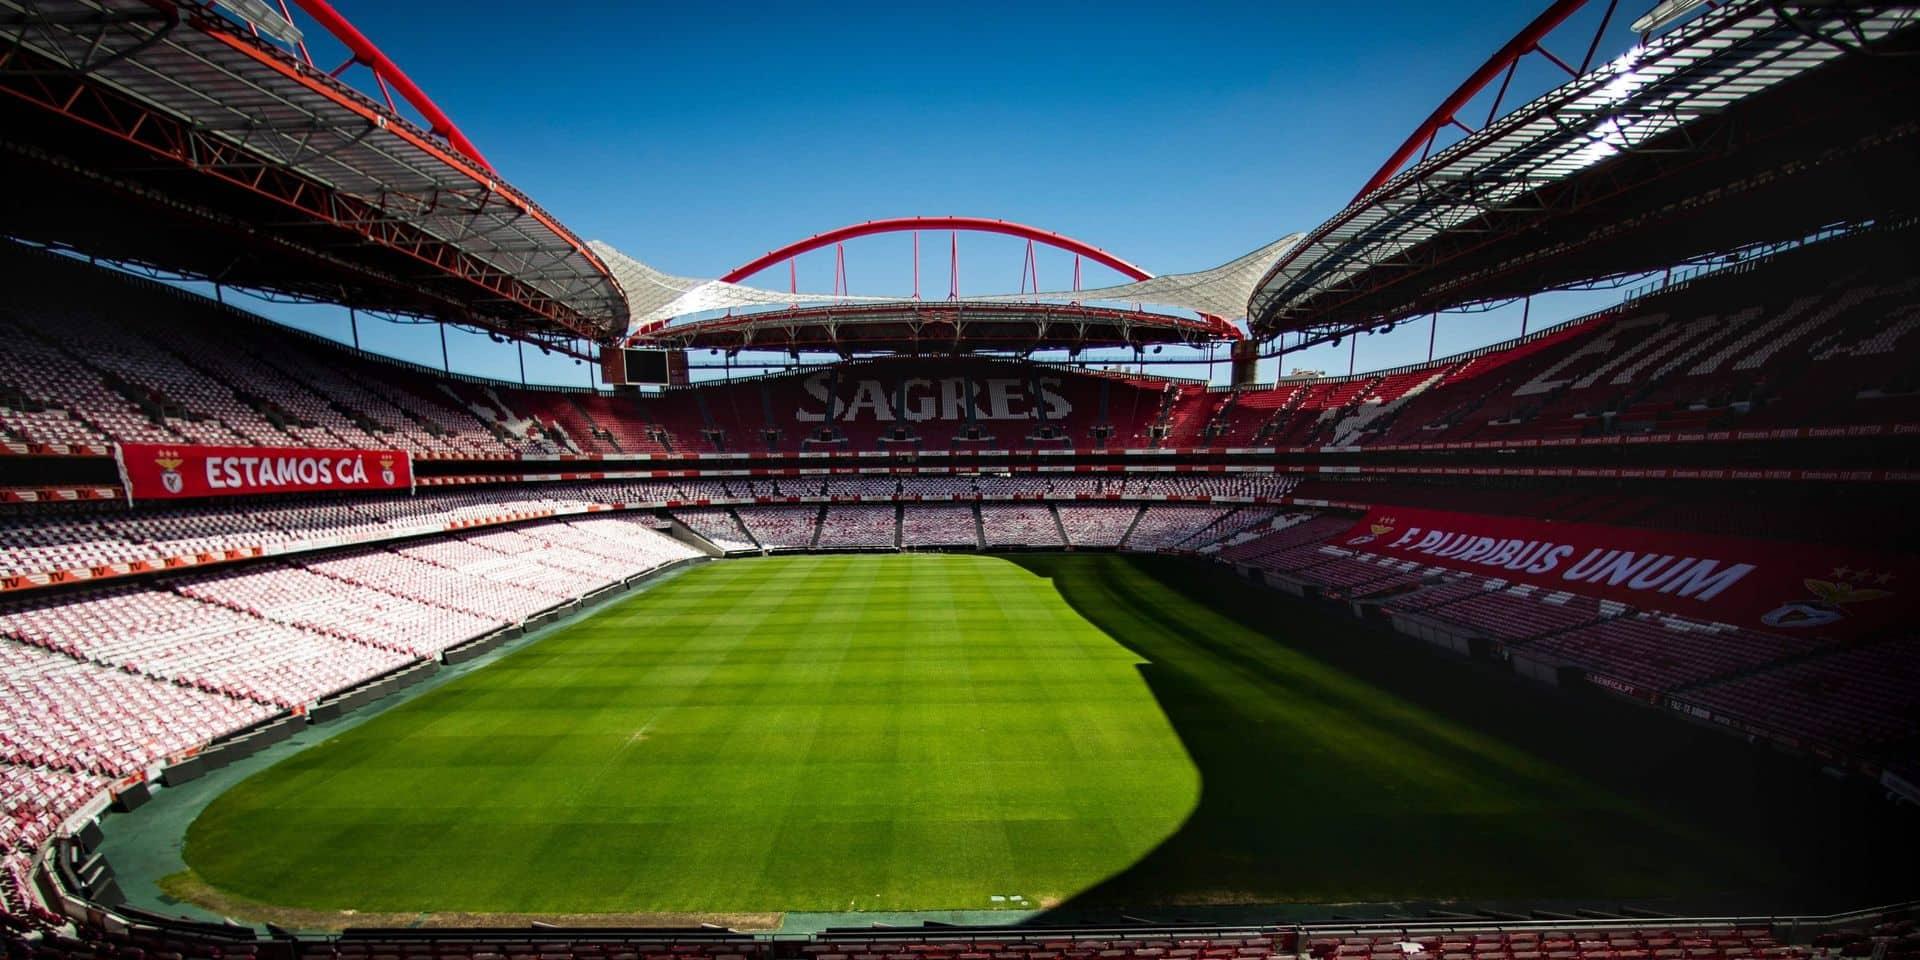 Les retours de la Ligue des champions et de l'Europa League joués sur les terrains prévus